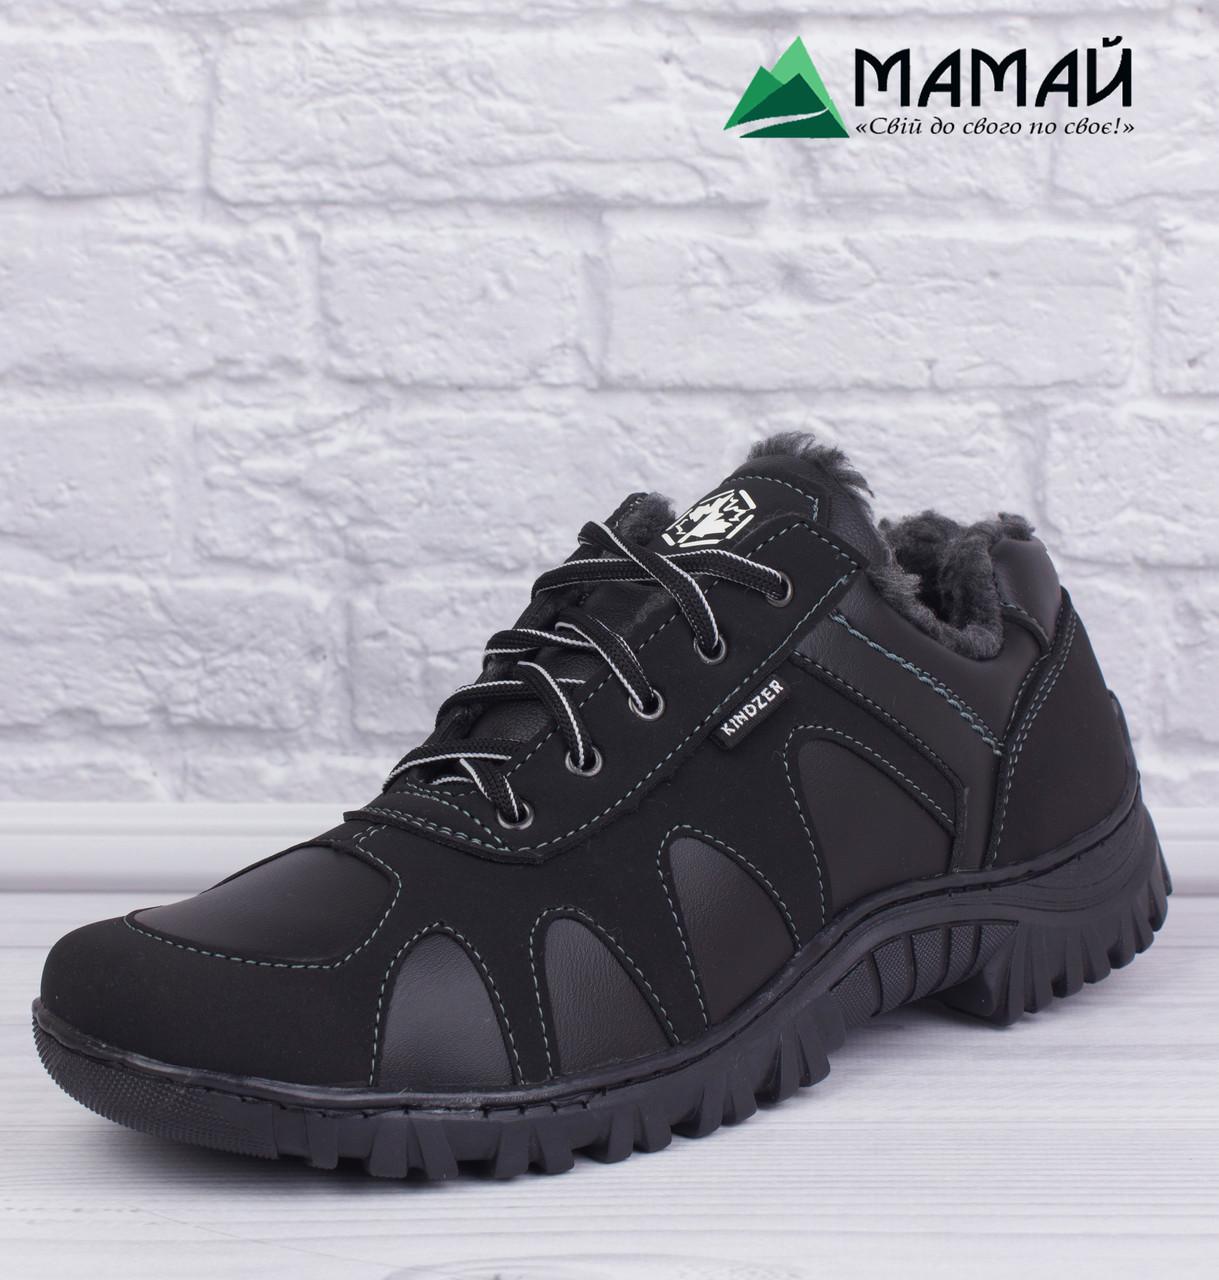 8e4f8f36b01926 Кросівки зимові чоловічі Kindzer - Інтернет-магазин дешевого взуття в Львове